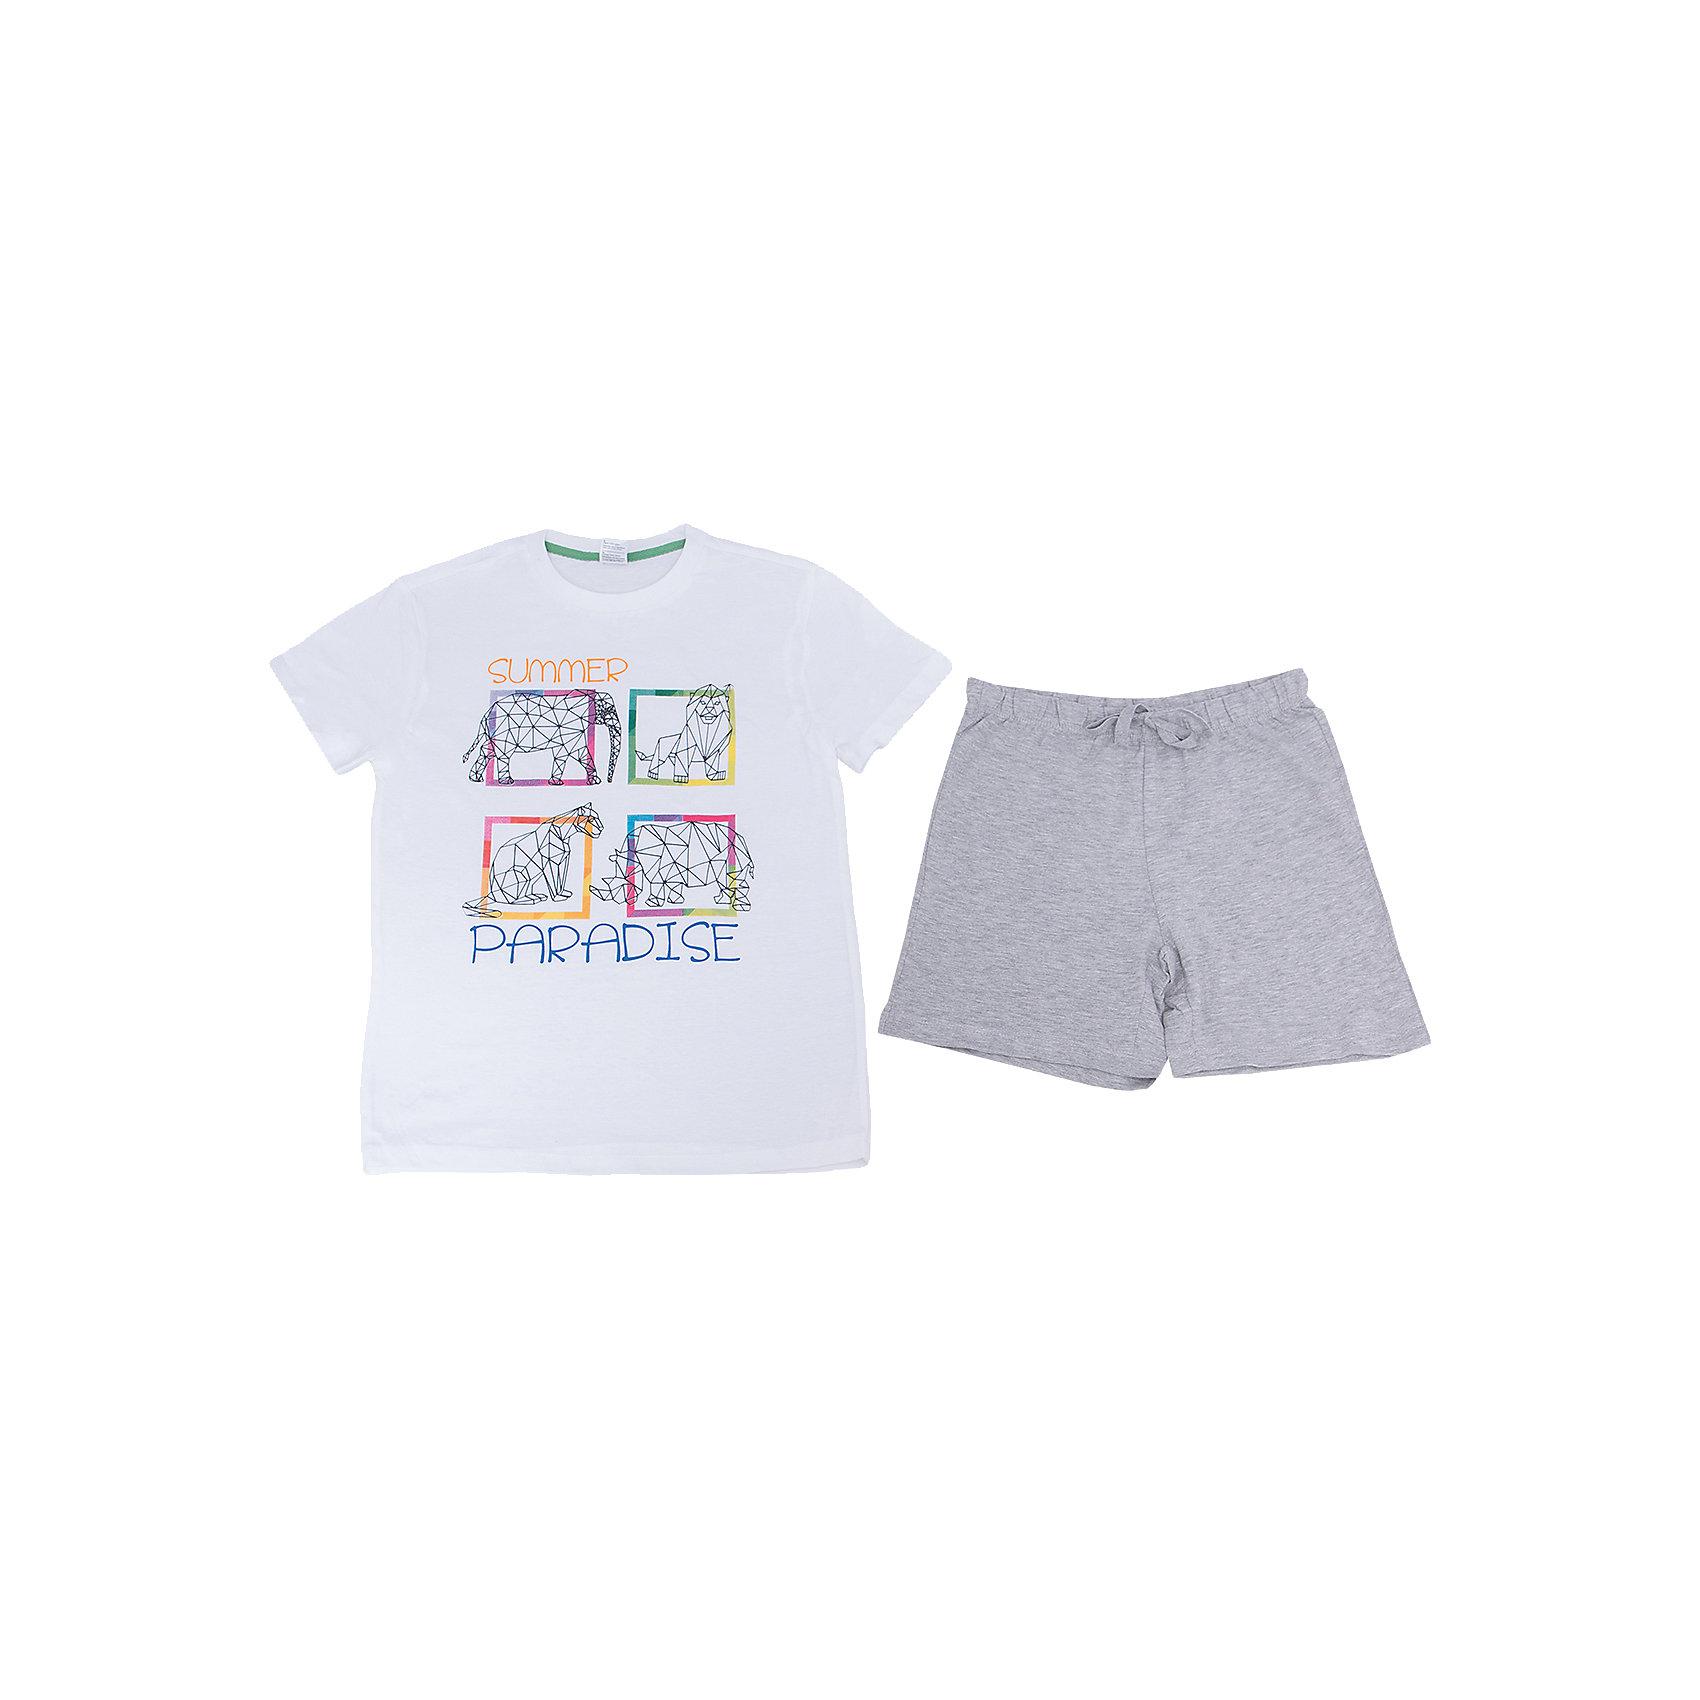 Пижама для мальчика SELAПижамы и сорочки<br>Характеристики товара:<br><br>• цвет: белый/серый<br>• состав: 100% хлопок<br>• комплектация: футболка, шорты<br>• короткие рукава<br>• принт<br>• пояс: мягкая резинка и шнурок<br>• страна бренда: Российская Федерация<br><br>Вещи из новой коллекции SELA продолжают радовать удобством! Симпатичная пижама поможет обеспечить ребенку комфорт - она очень удобно сидит на теле. В составе материала - натуральный хлопок. Отличная одежда для комфортного сна!<br><br>Пижаму для девочки от популярного бренда SELA (СЕЛА) можно купить в нашем интернет-магазине.<br><br>Ширина мм: 281<br>Глубина мм: 70<br>Высота мм: 188<br>Вес г: 295<br>Цвет: серый<br>Возраст от месяцев: 96<br>Возраст до месяцев: 108<br>Пол: Мужской<br>Возраст: Детский<br>Размер: 128/134,140/146,92/98,104/110,116/122<br>SKU: 5302881